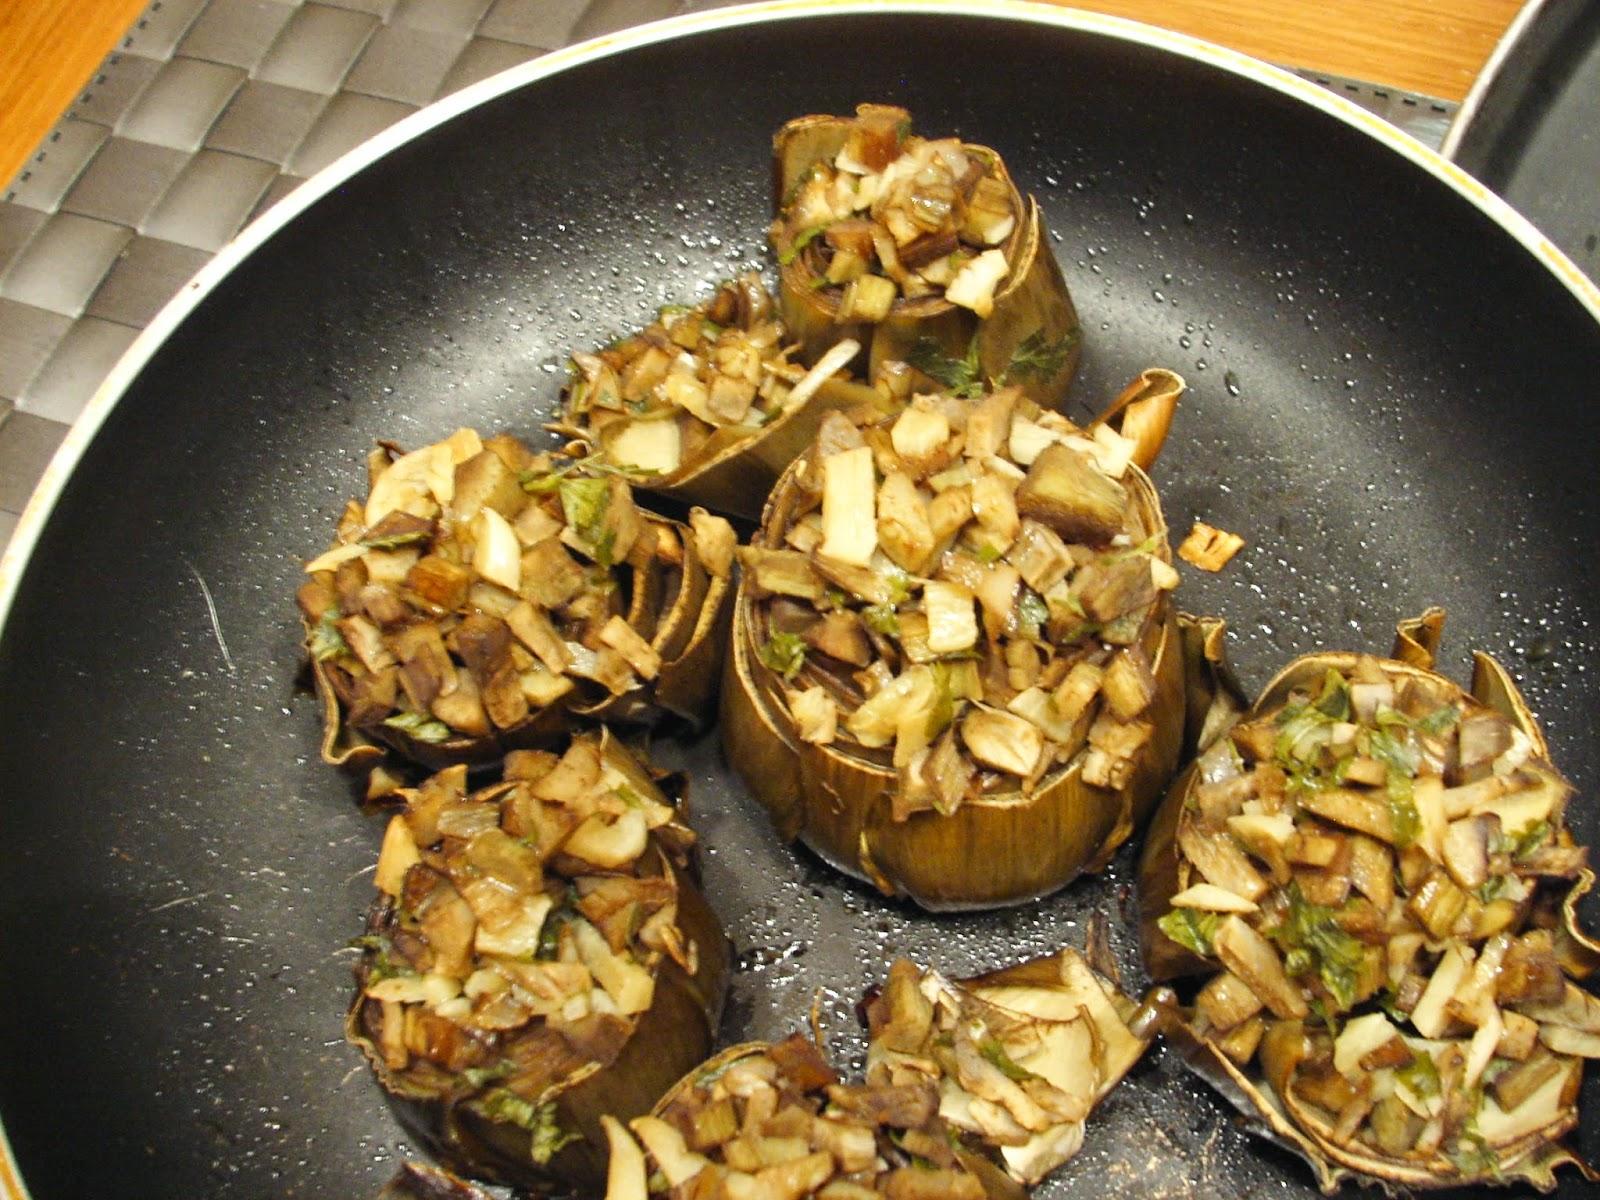 Cocinar sin sal alcachofas rellenas de su tallo sin sal - Cocinar sin sal ...